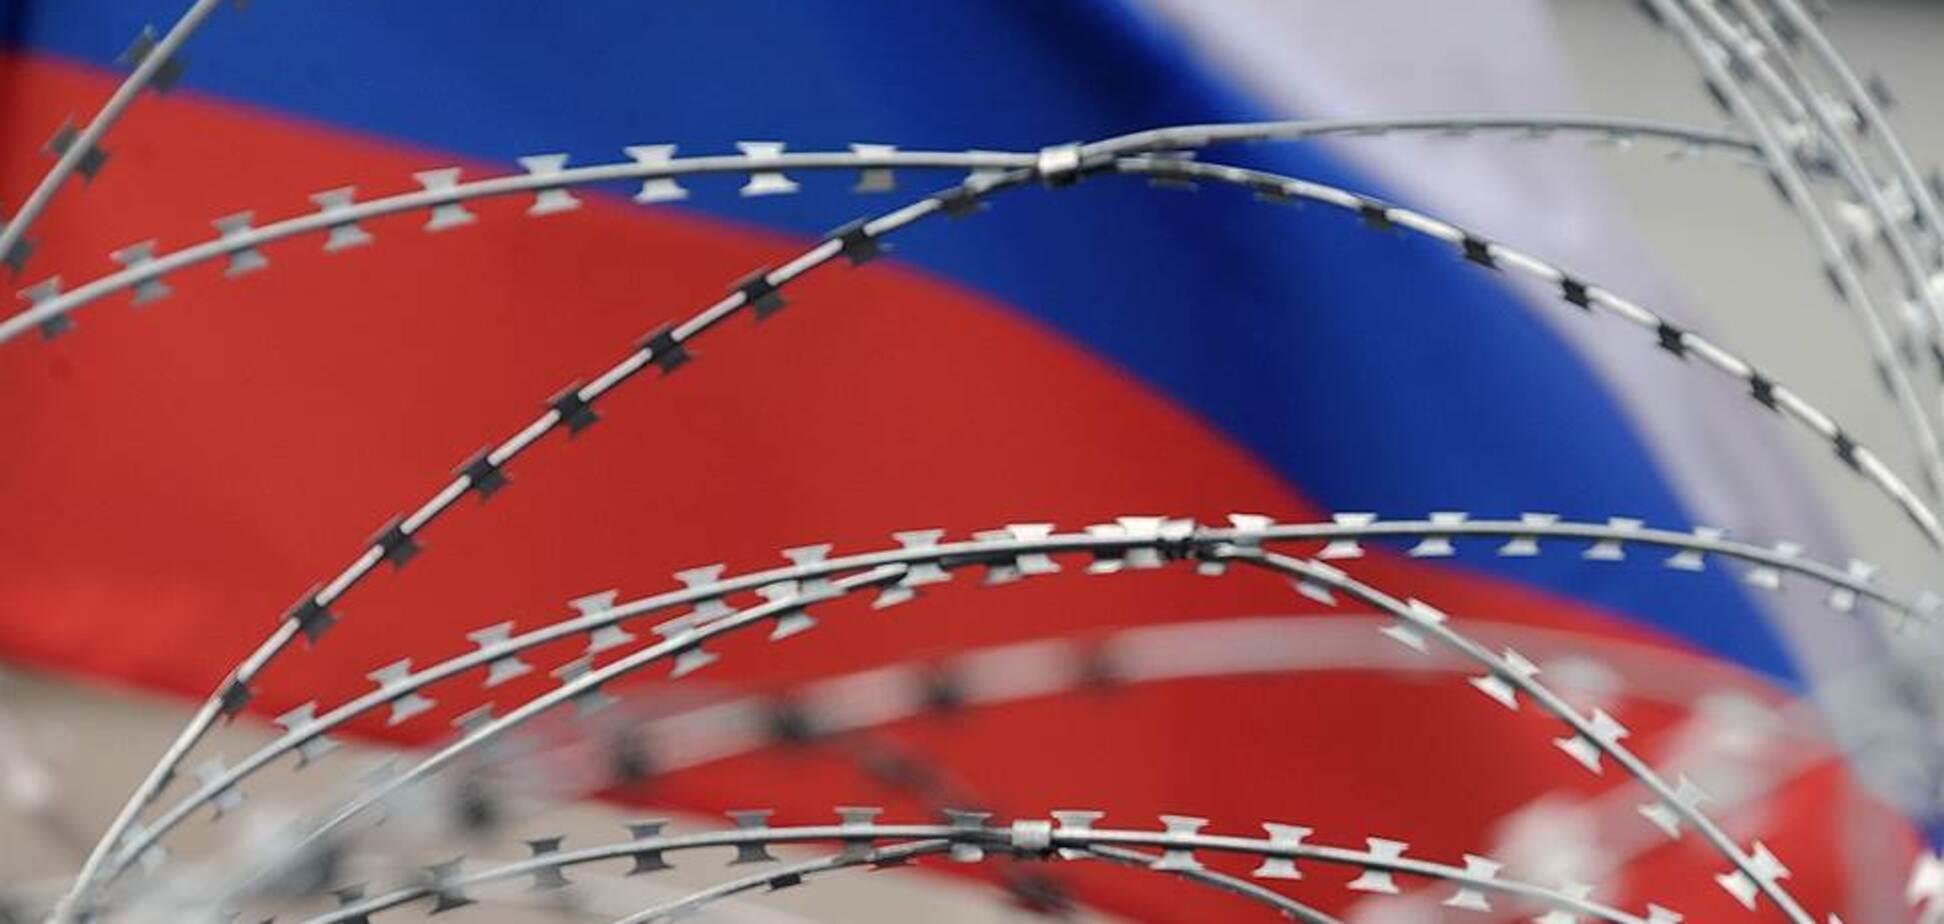 По России ударят новыми жесткими санкциями из-за Украины: что известно